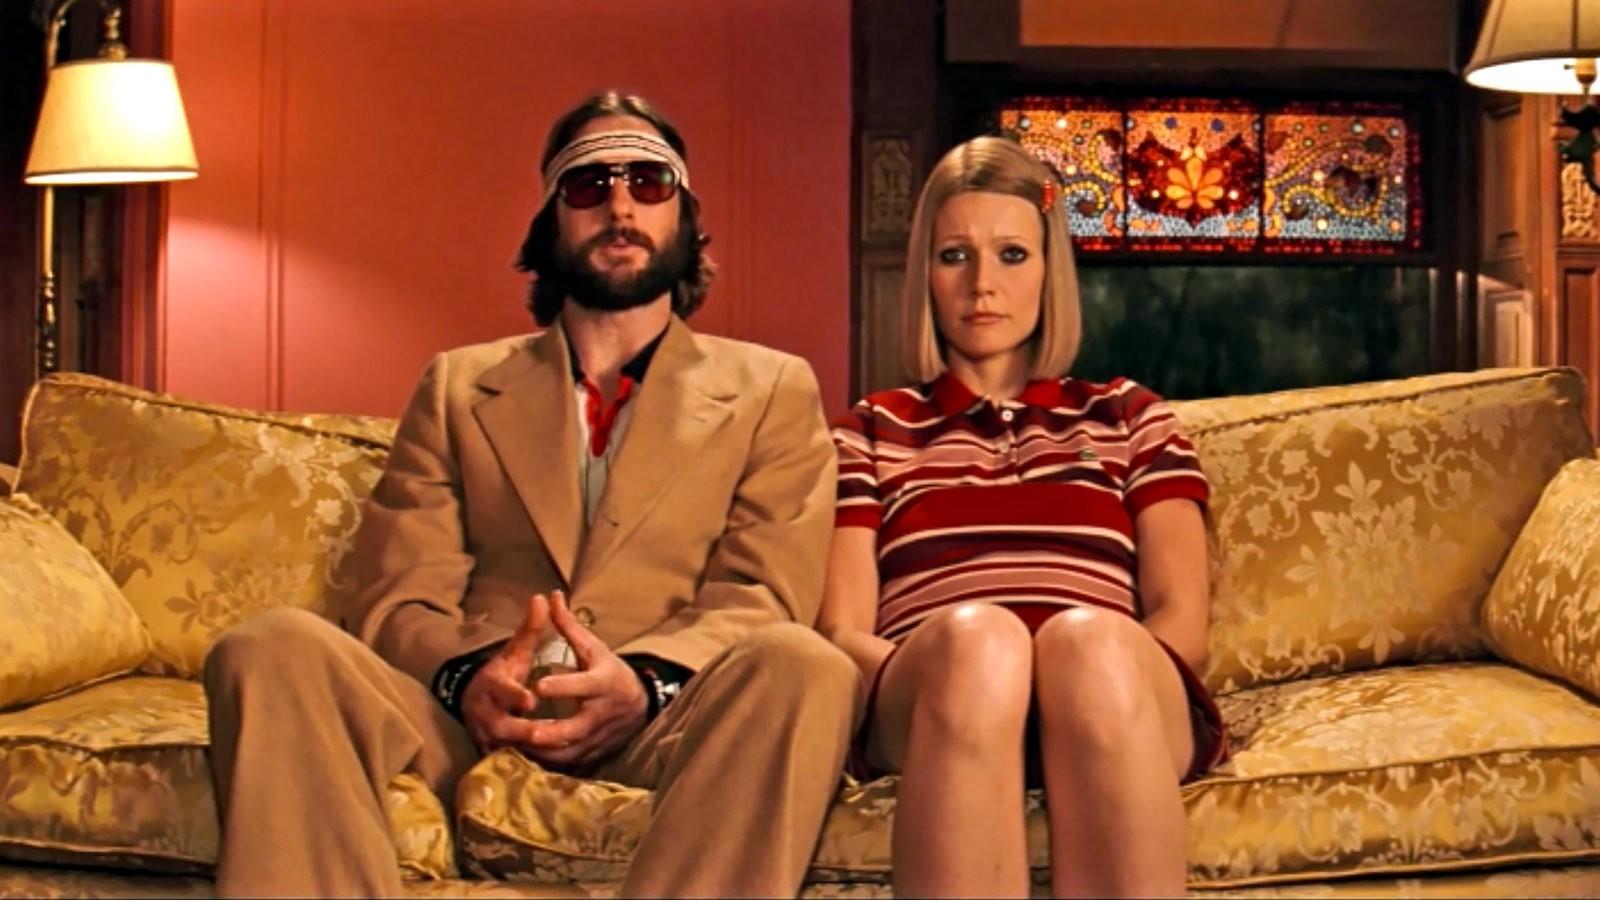 Video recopila las mejores escenas de Wes Anderson en slow-motion